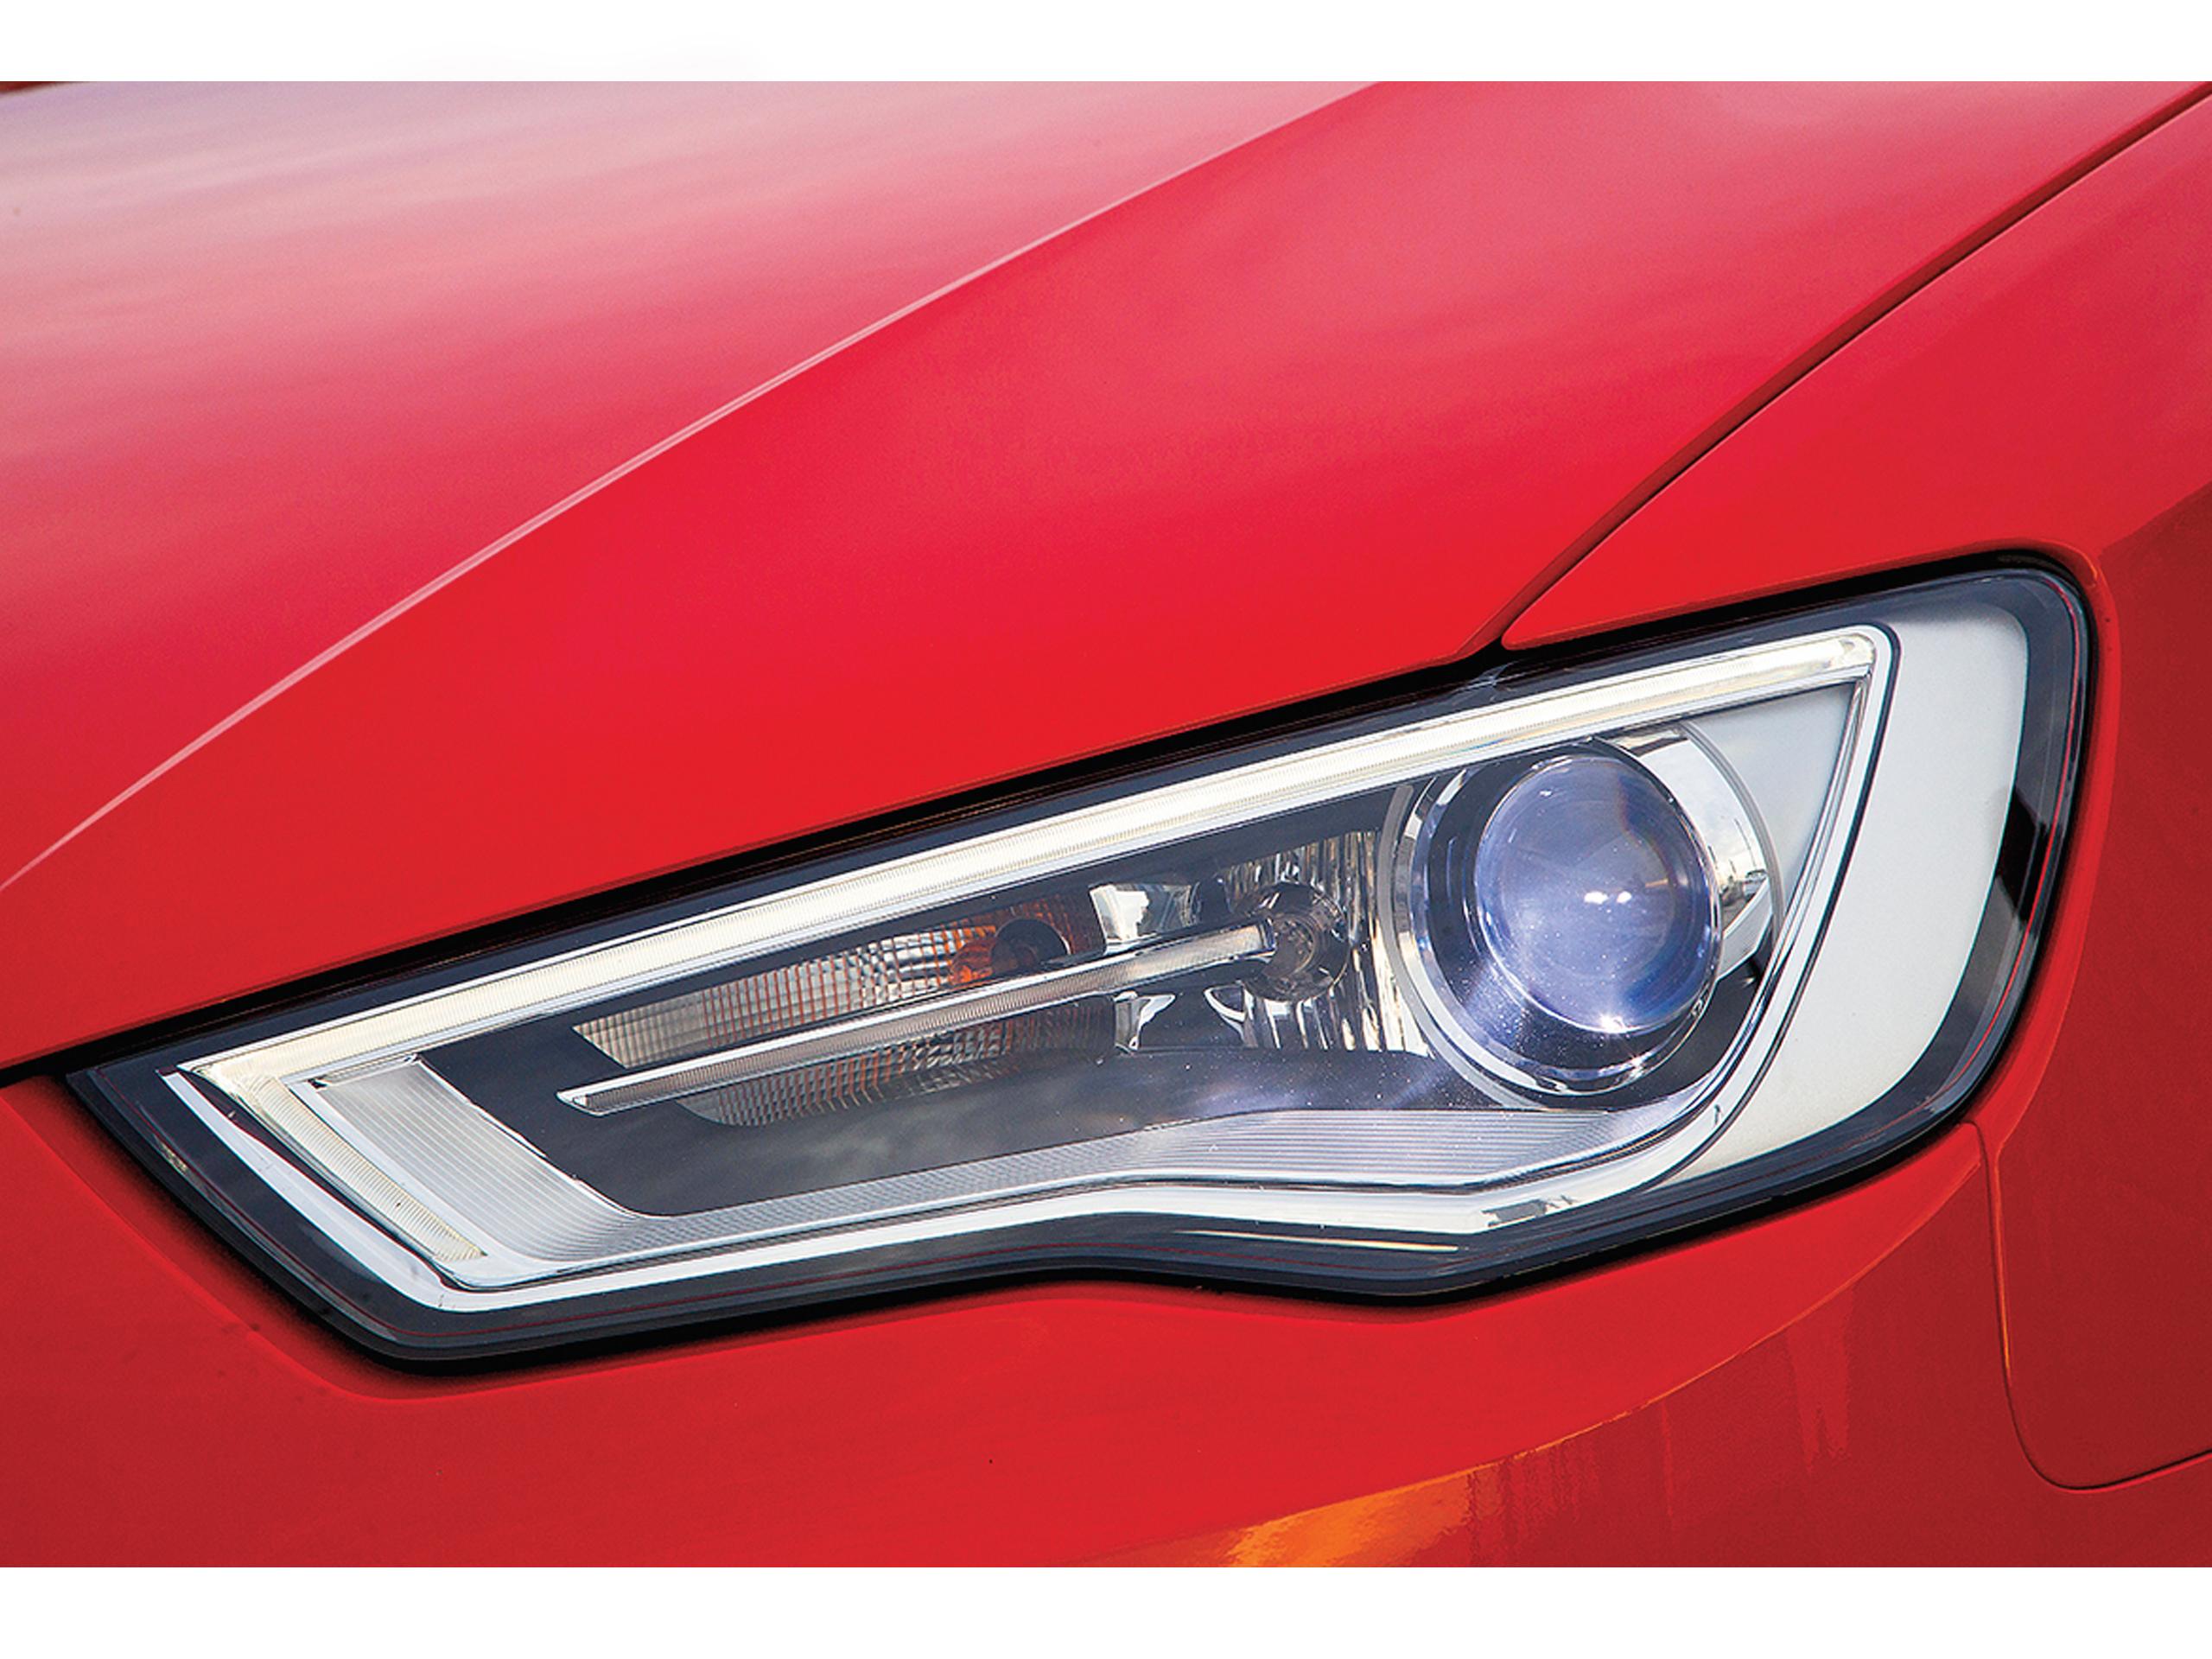 Kaufberatung Audi A3 2012 8V Motoren Ausstattungen und Preise